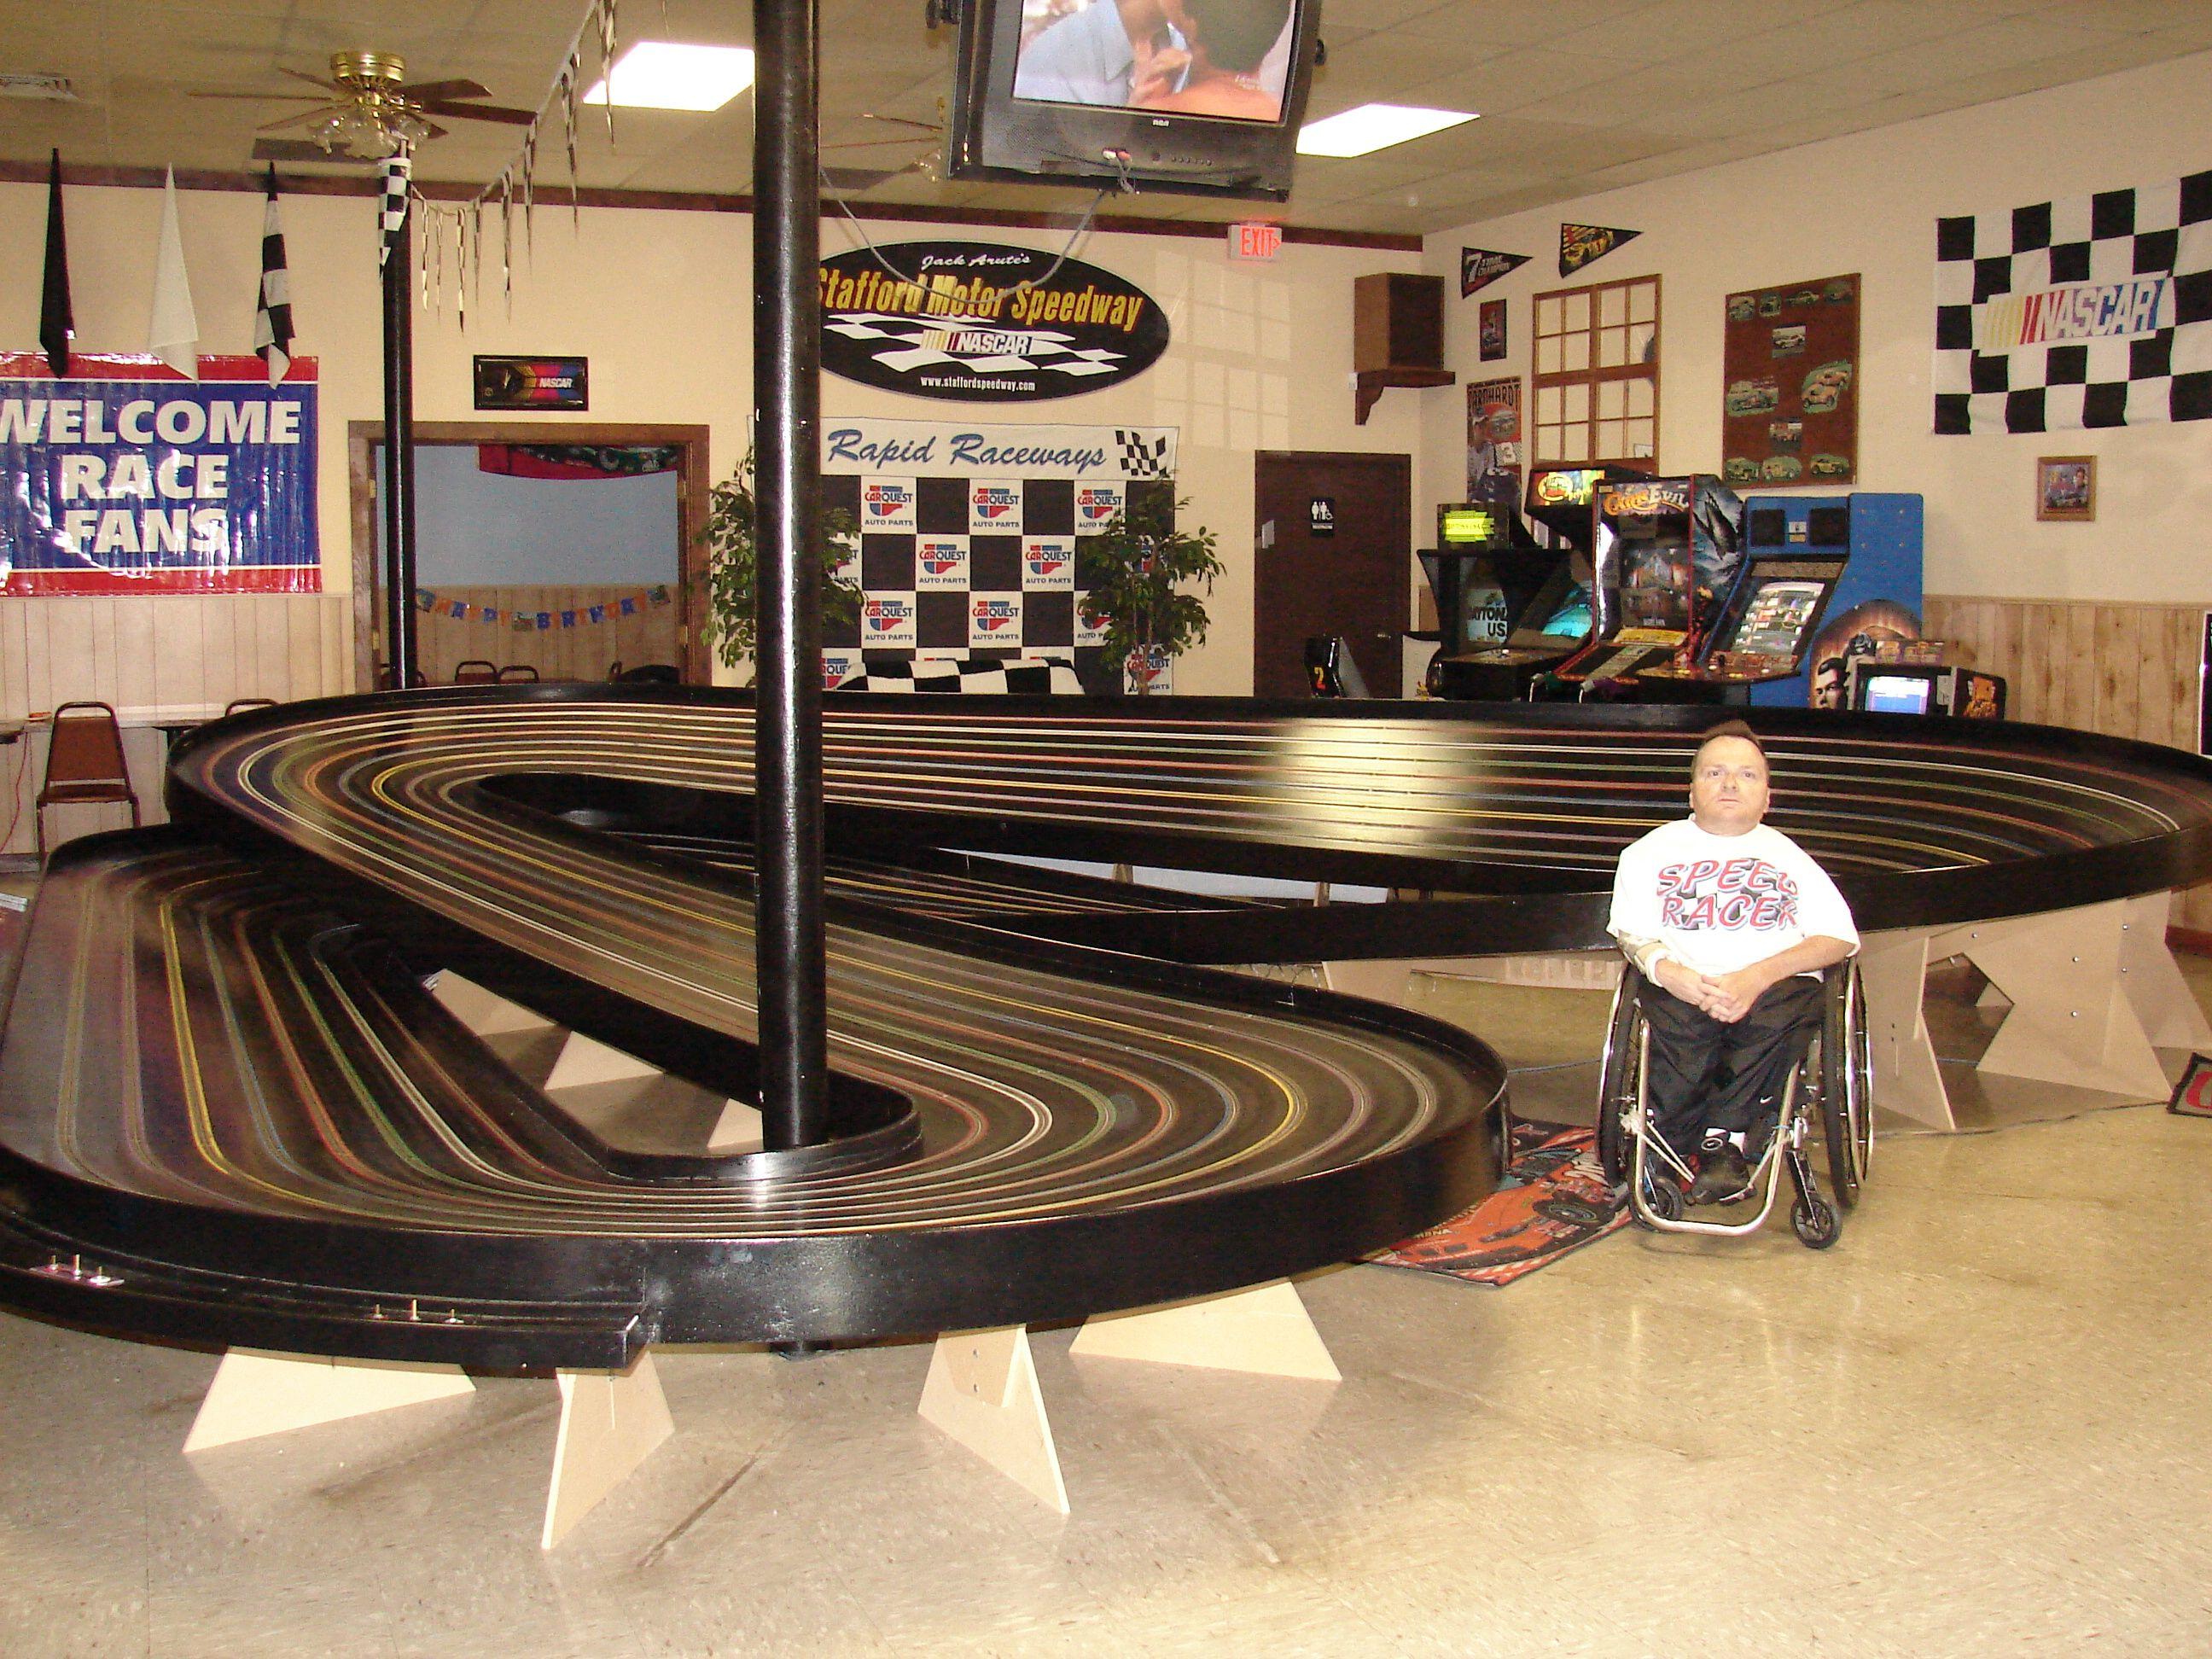 Rapid Raceways Slot Car Track Plainville Connecticut Slot Car Tracks Race Track Rapids